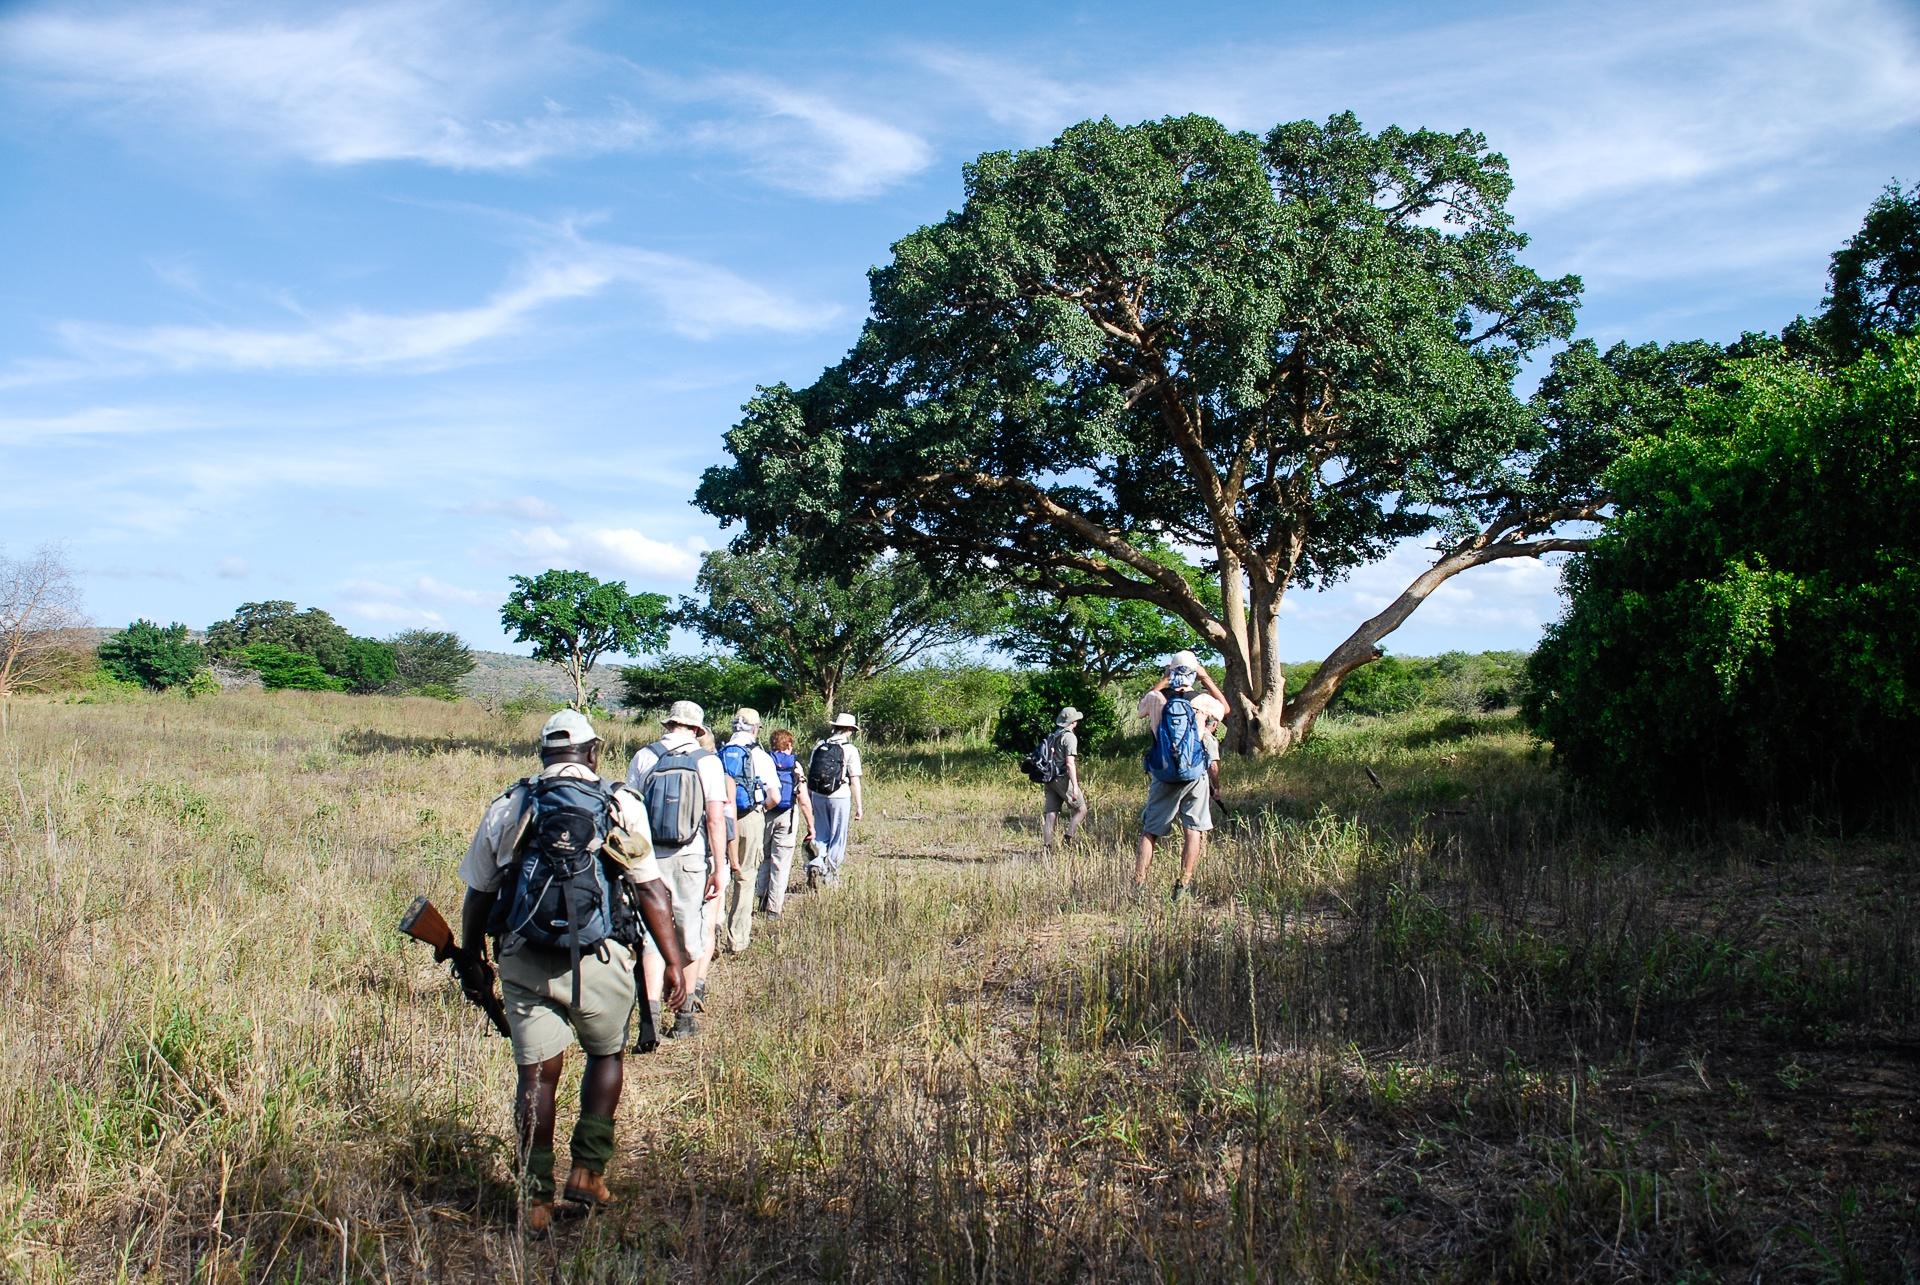 Safari à pied dans le parc Kruger - Afrique du Sud